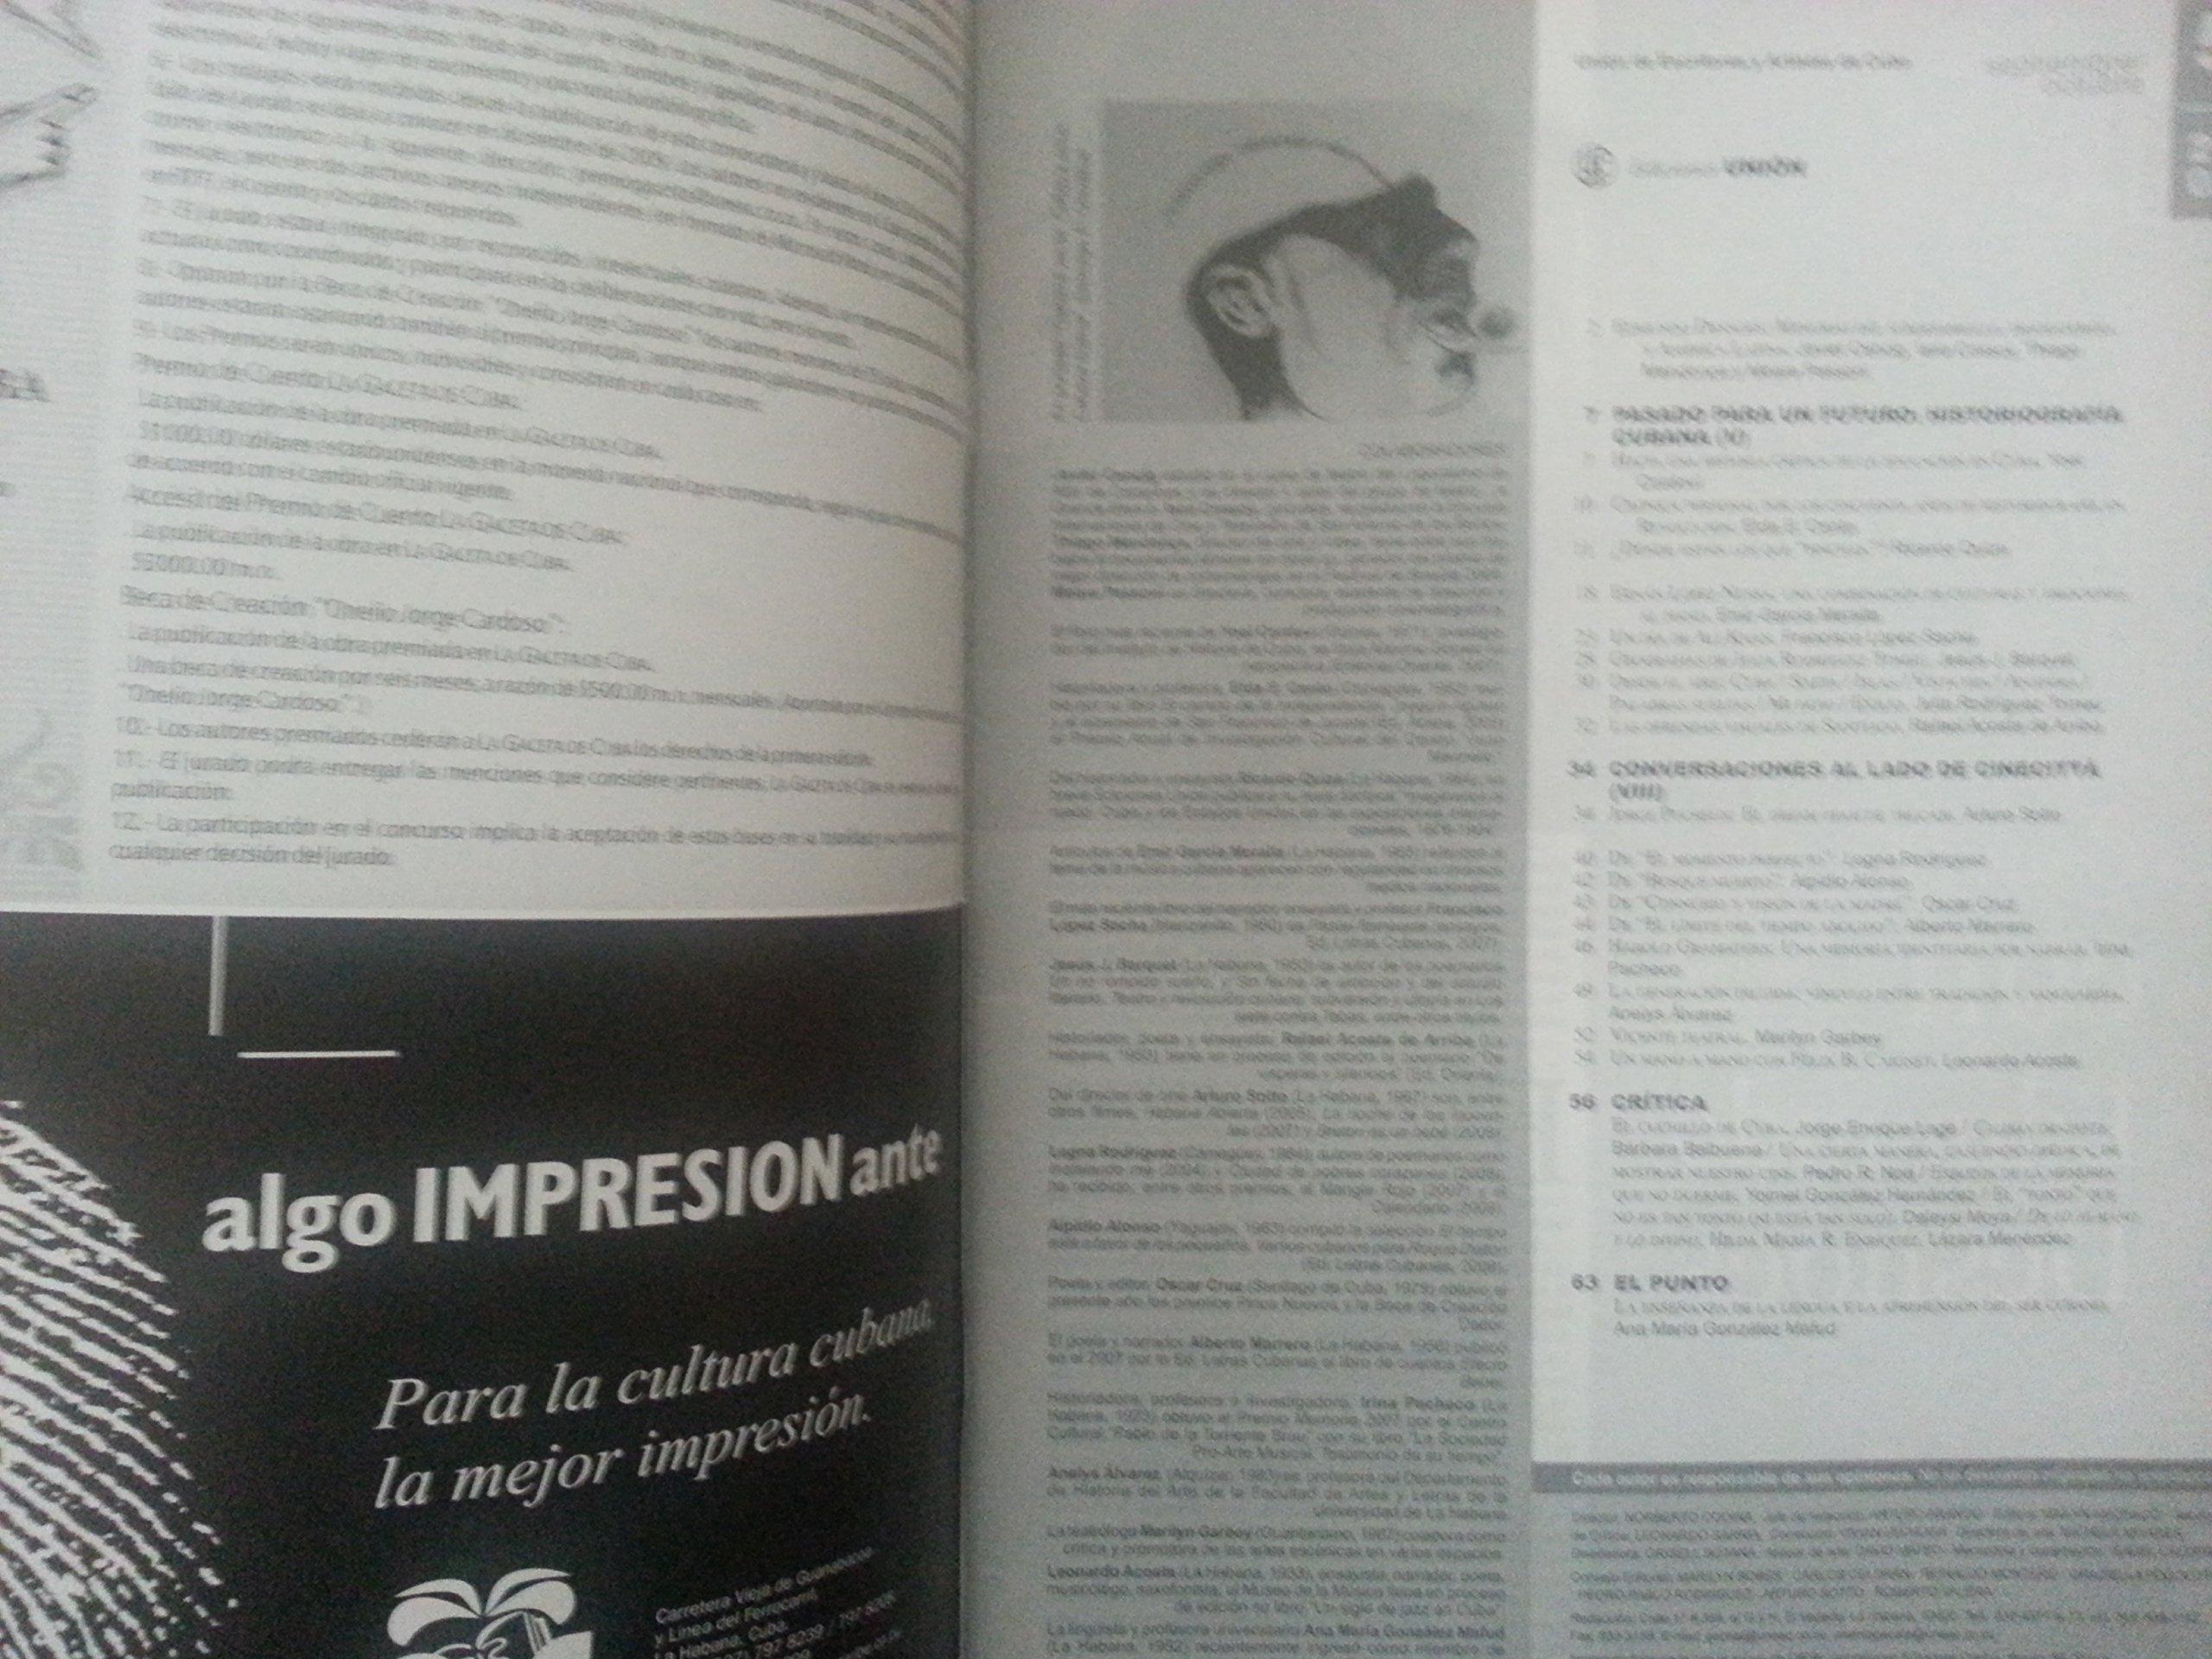 La gaceta de cuba, revista de la union de escritores y artistas de cuba, numero 5, seprtiembre-octubre, del 2009.desnoes, entre hamlet y el quijote.